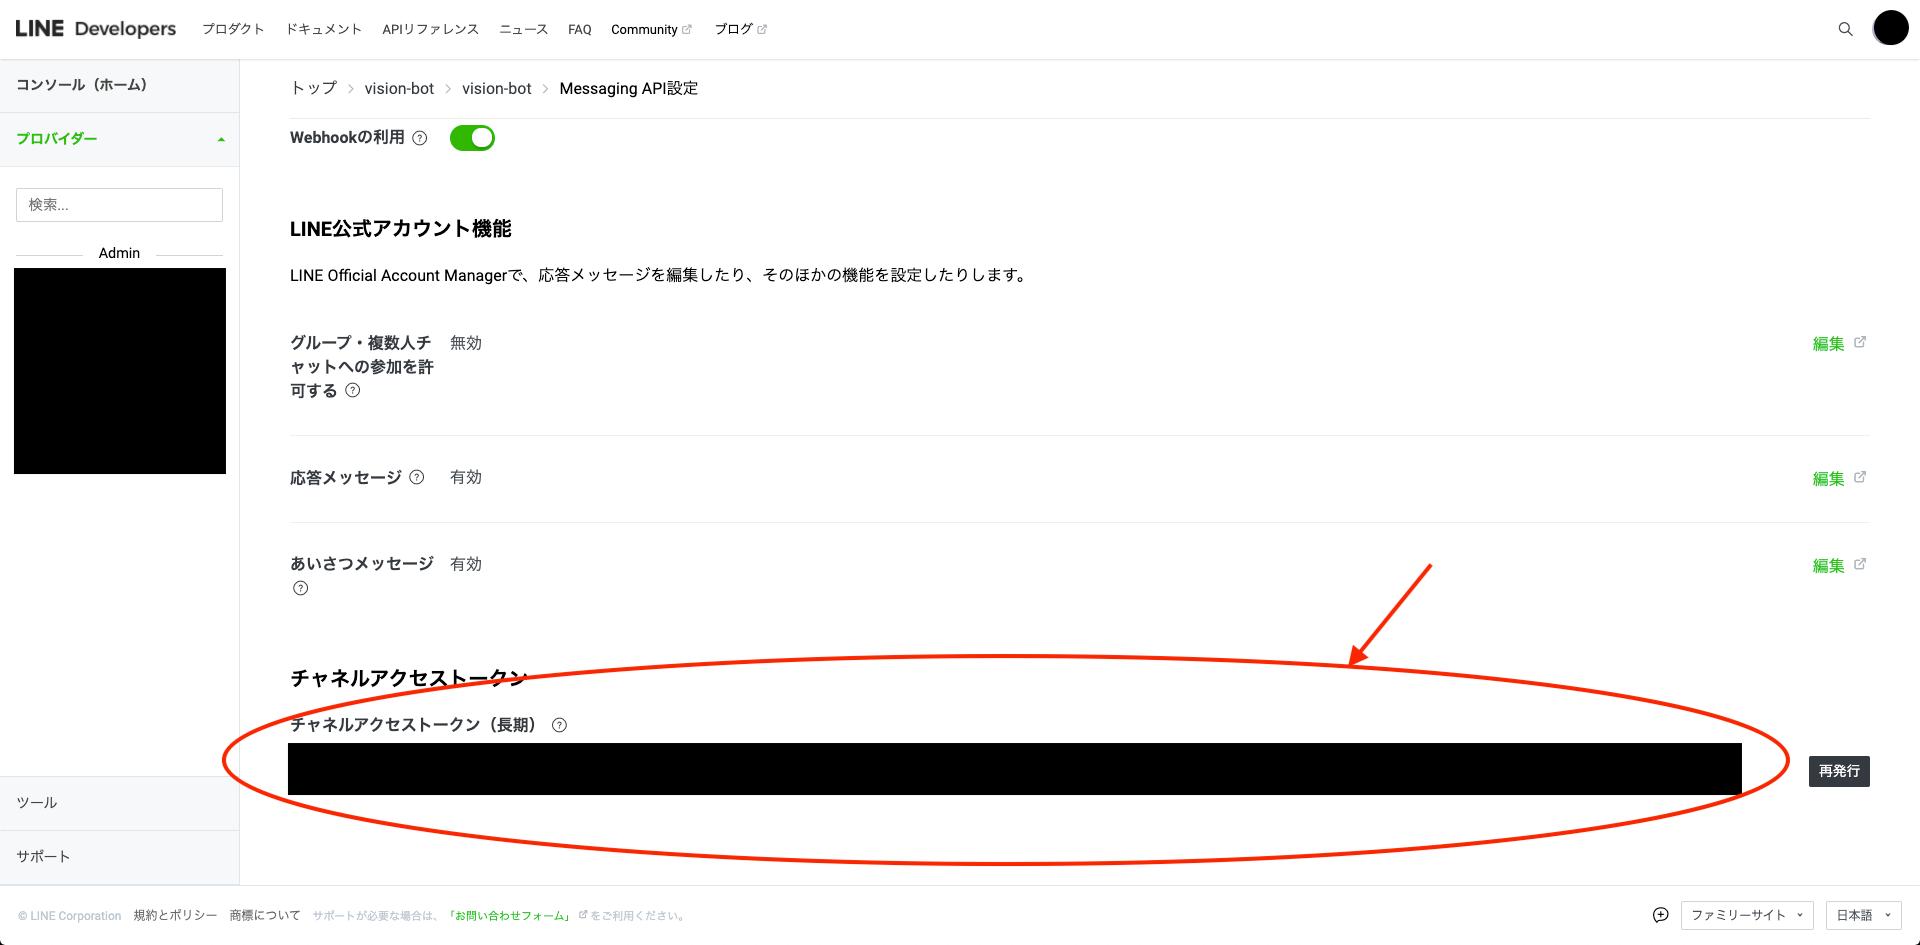 スクリーンショット 2020-11-04 14.40.37.png